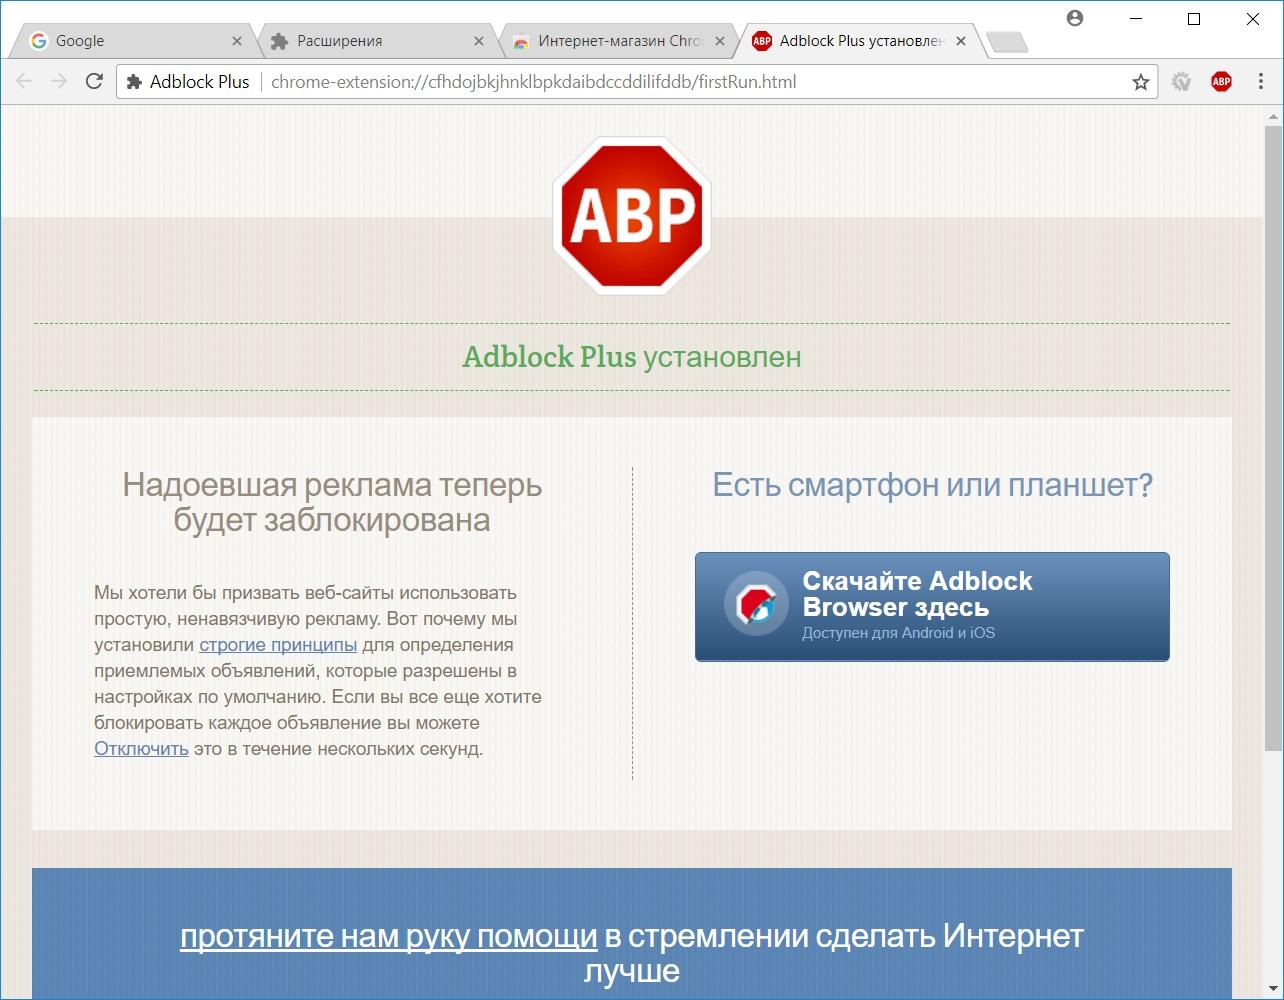 Как удалить рекламу из браузера Google Chrome